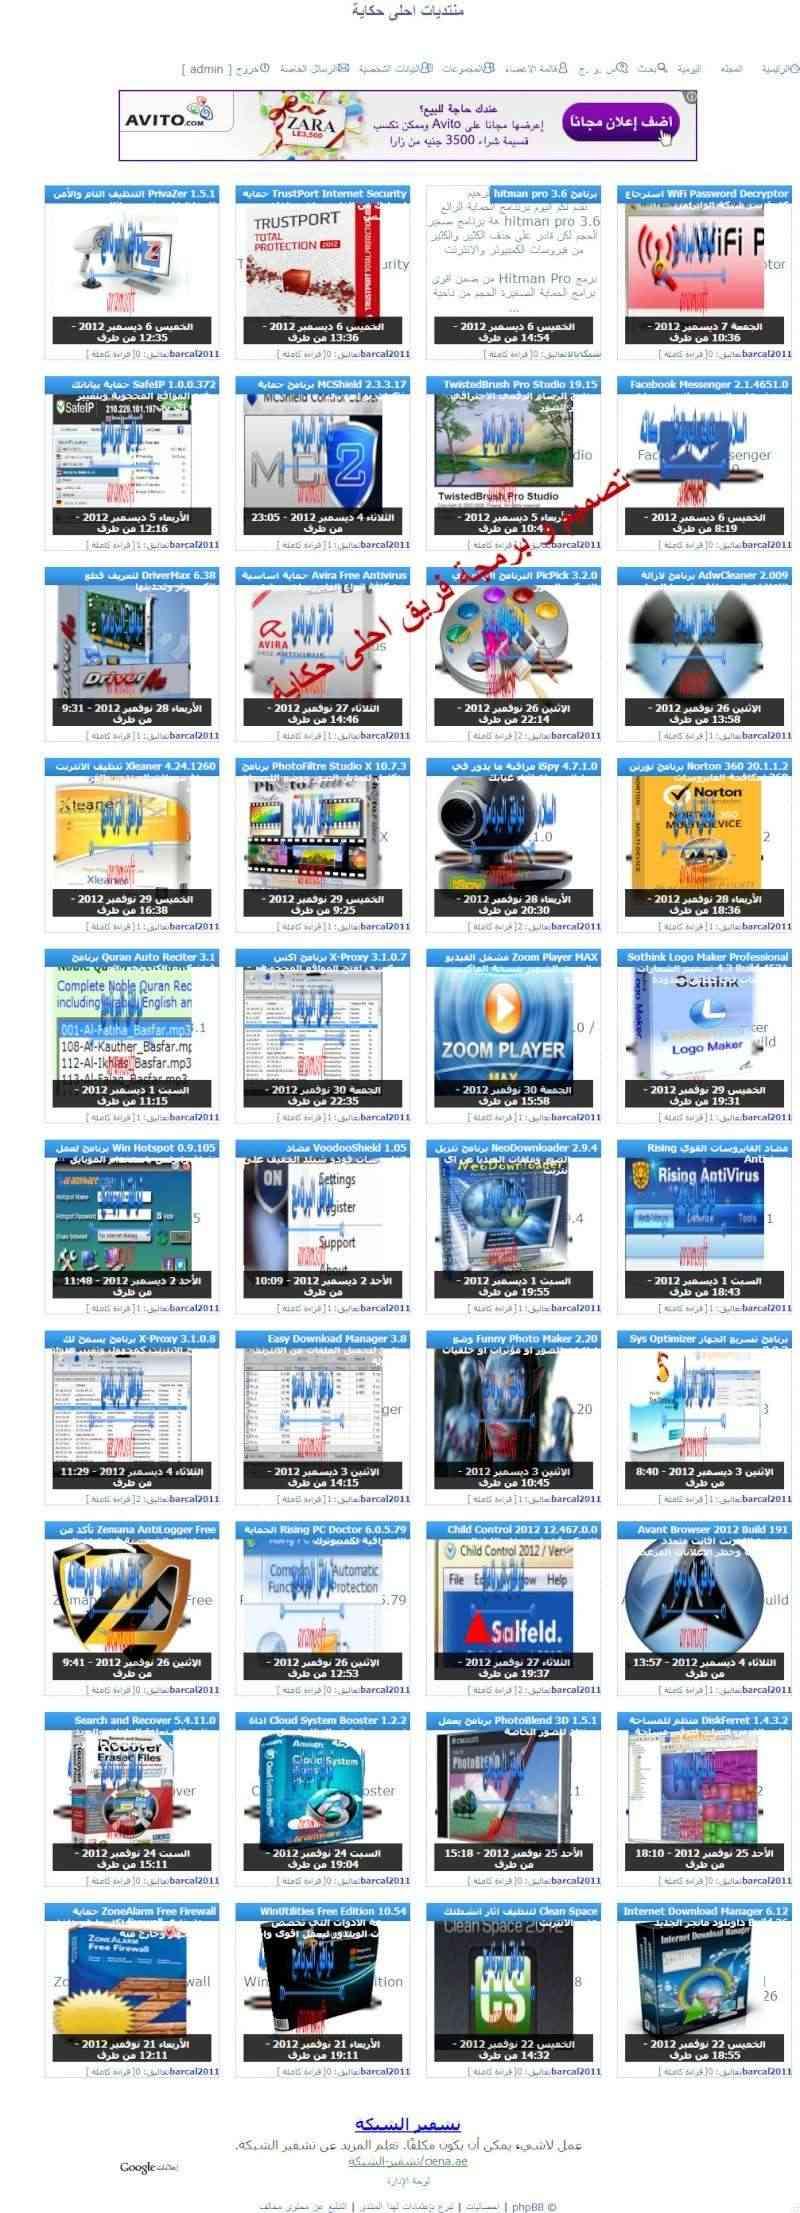 [تومبلايت] المجلة الاكترونية + نشر تلقائي للمواضيع فيها 07-12-11